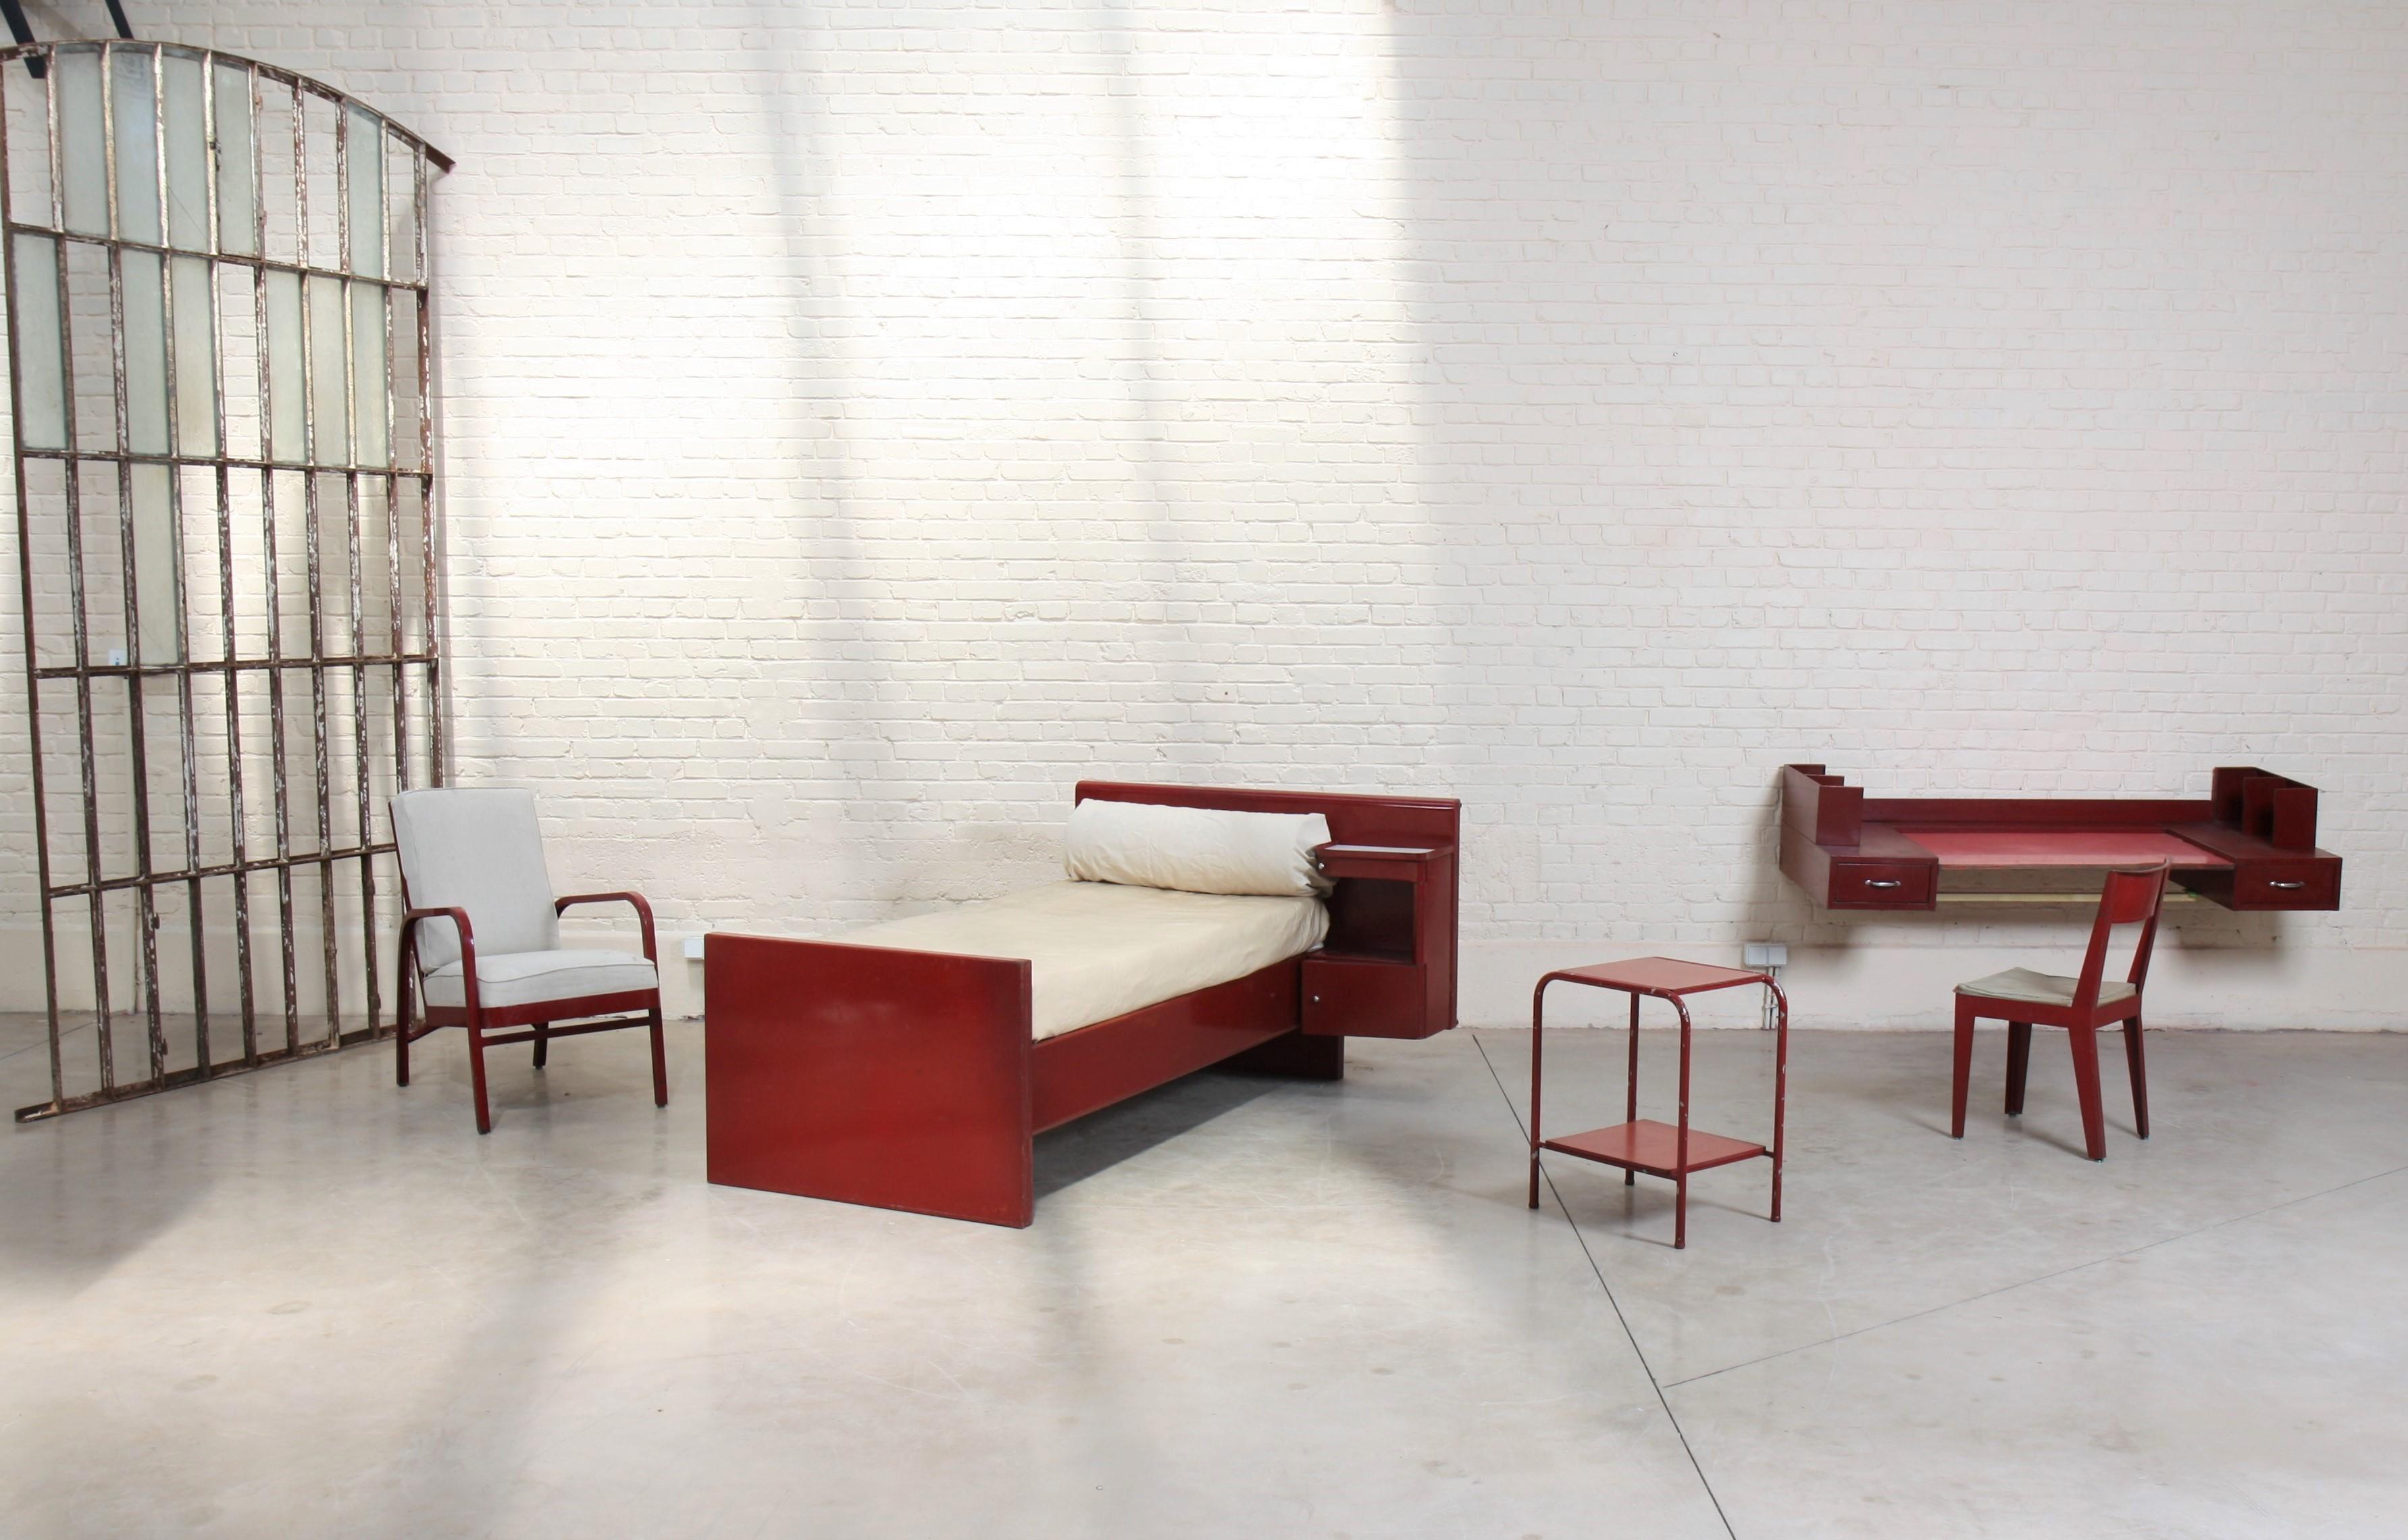 Chambre à coucher par Jean Prouvé et Jules Leleu, image ©Lux-Auction